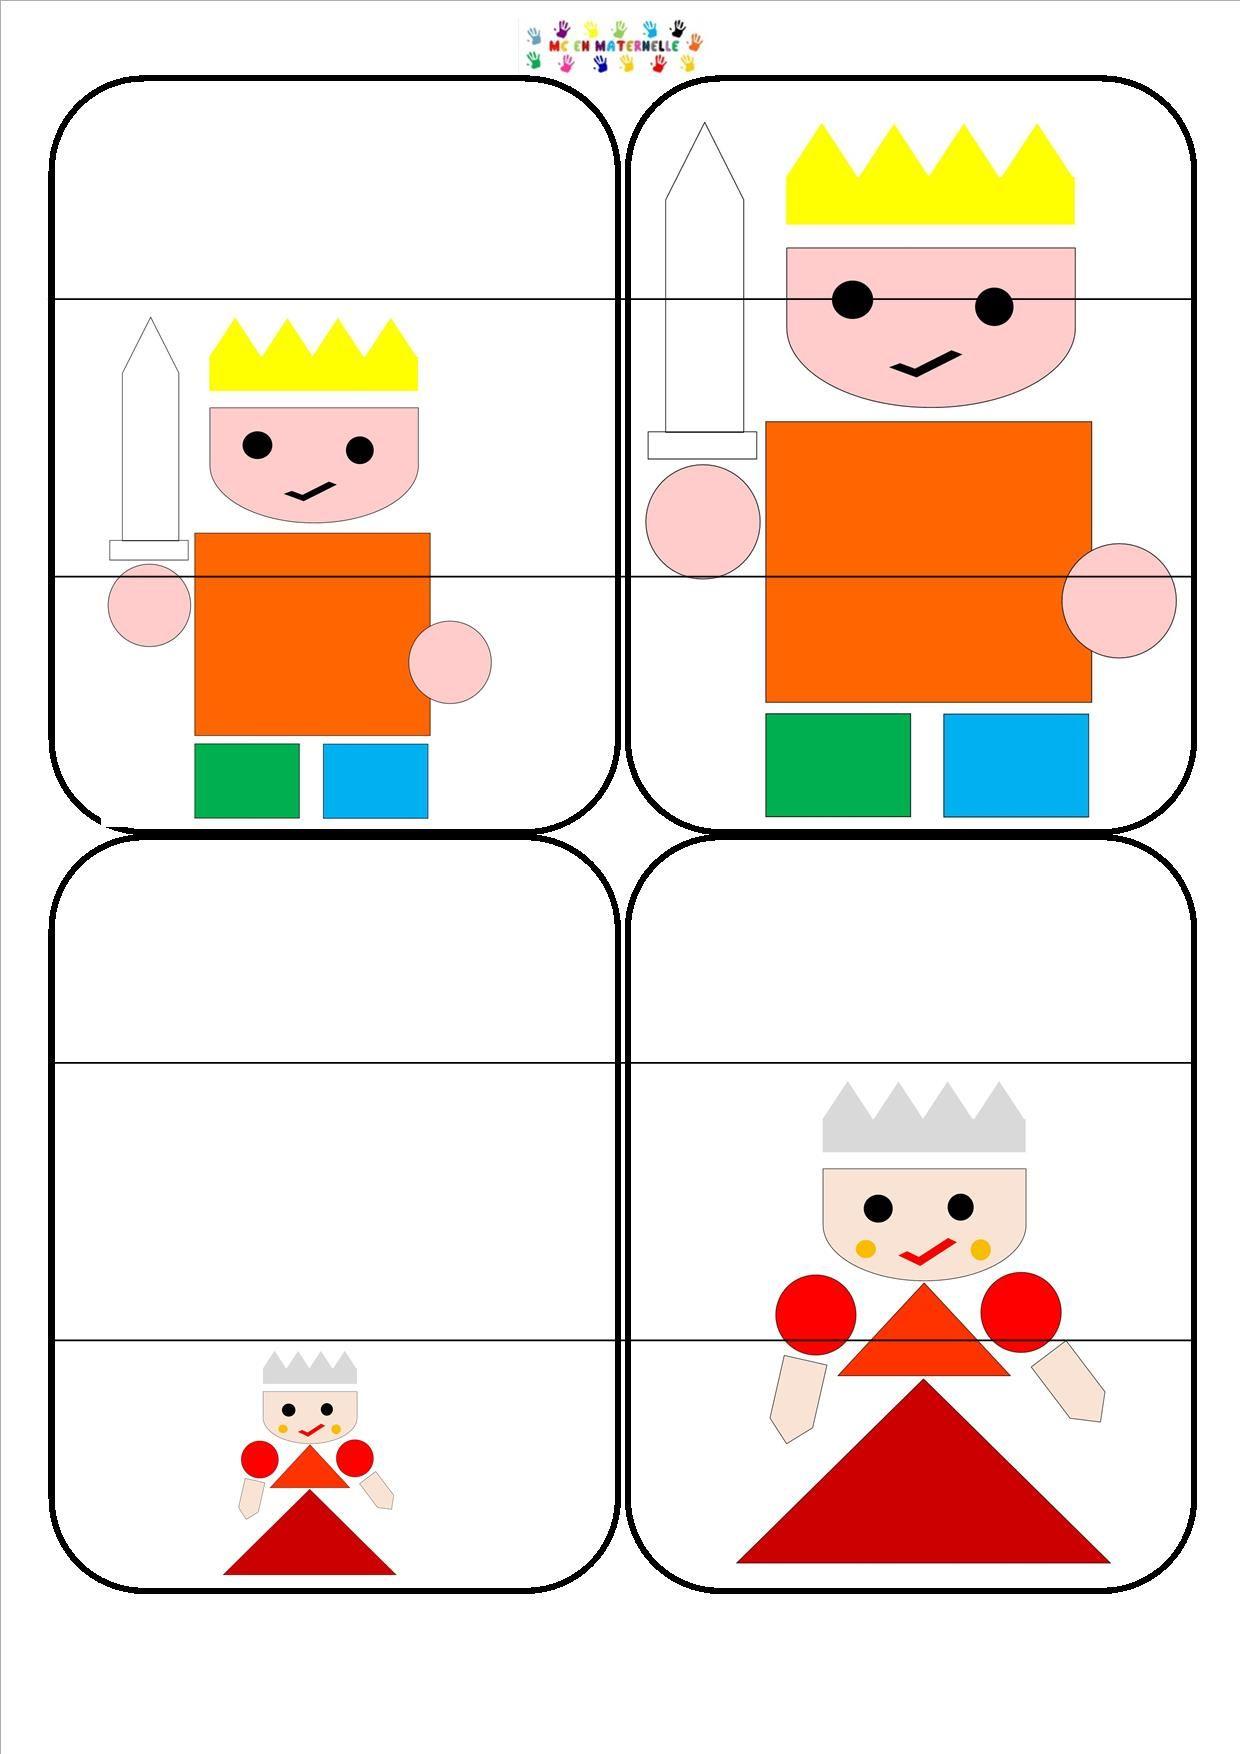 Le Tout Petit Roi : Petit Moyen Grand – Jeu De Cartes | Le destiné Jeux Tout Petit